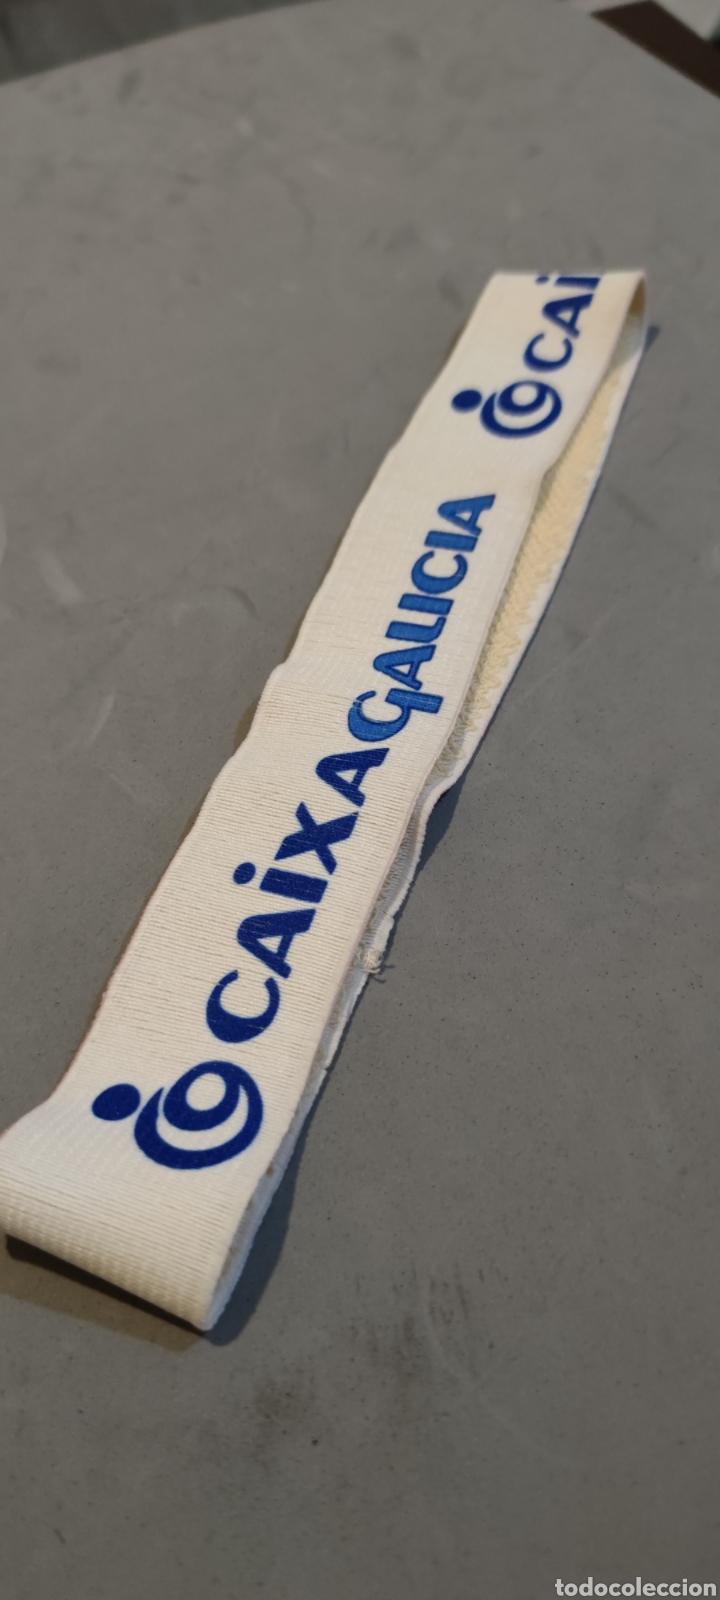 CAIXA GALICIA CINTA SUDOR VINTAGE (Vintage - Varios)